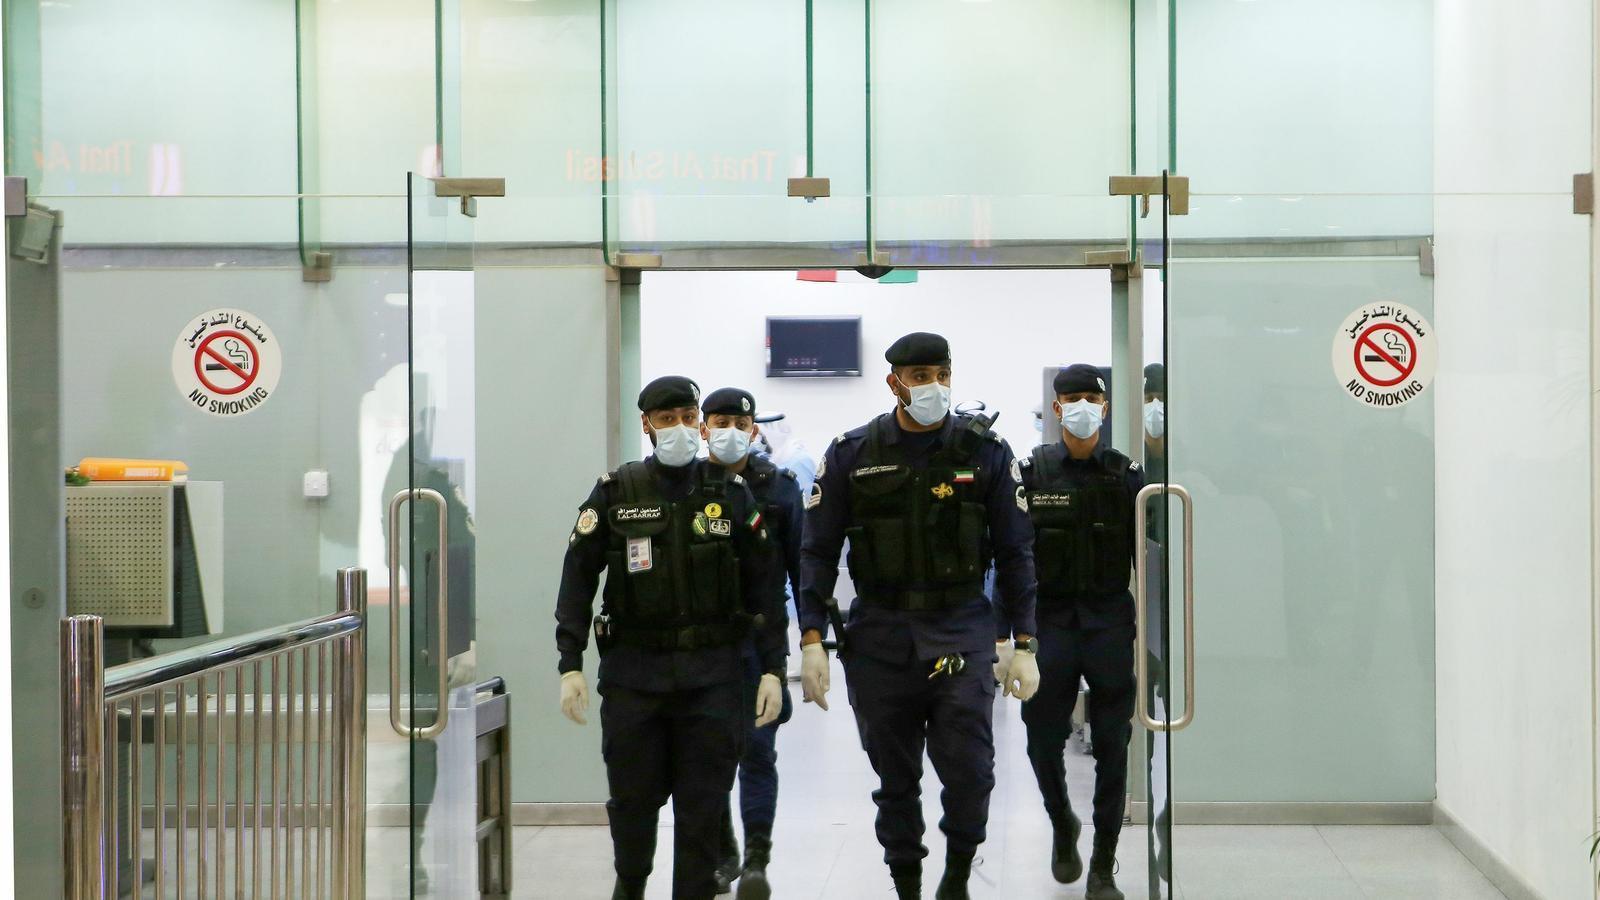 Policies amb mascaretes a l'aeroport de Kuwait